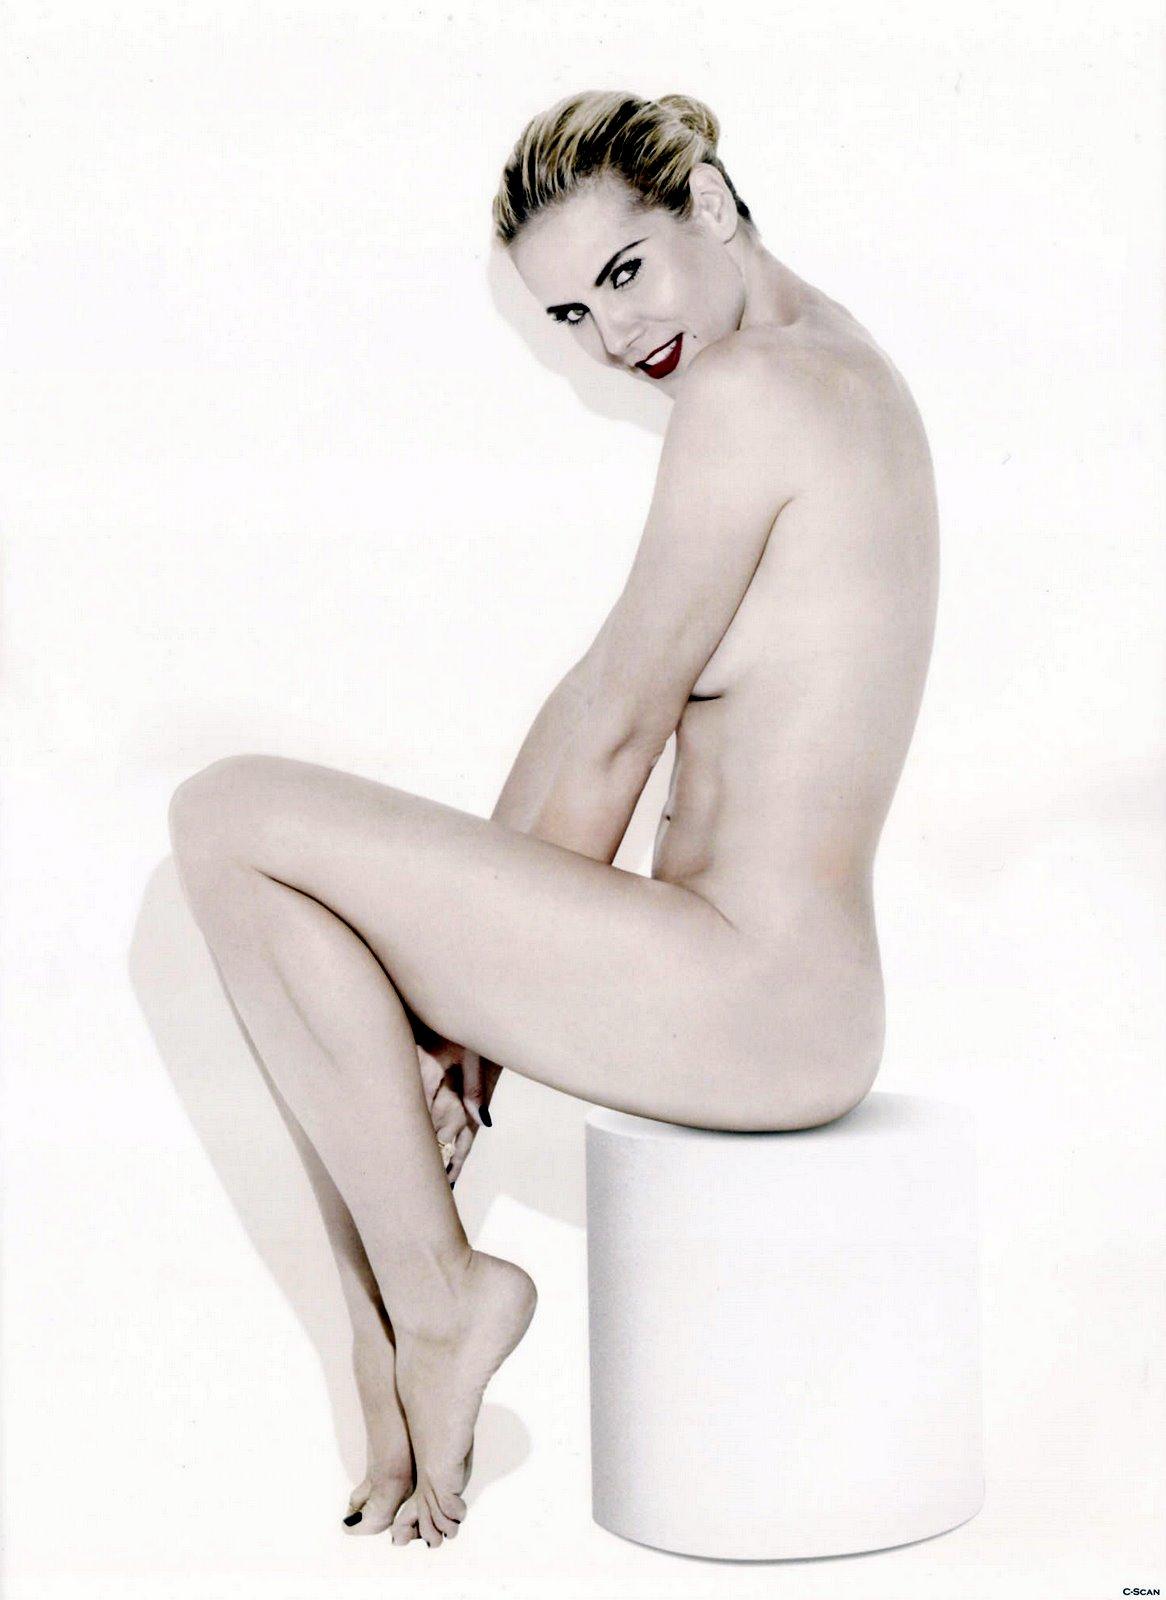 http://4.bp.blogspot.com/_xWe6Mfhdshk/SwLmyEzv1PI/AAAAAAAAVsY/mF9UDXSwr0g/s1600/Heidi_Klum_09110006.jpg